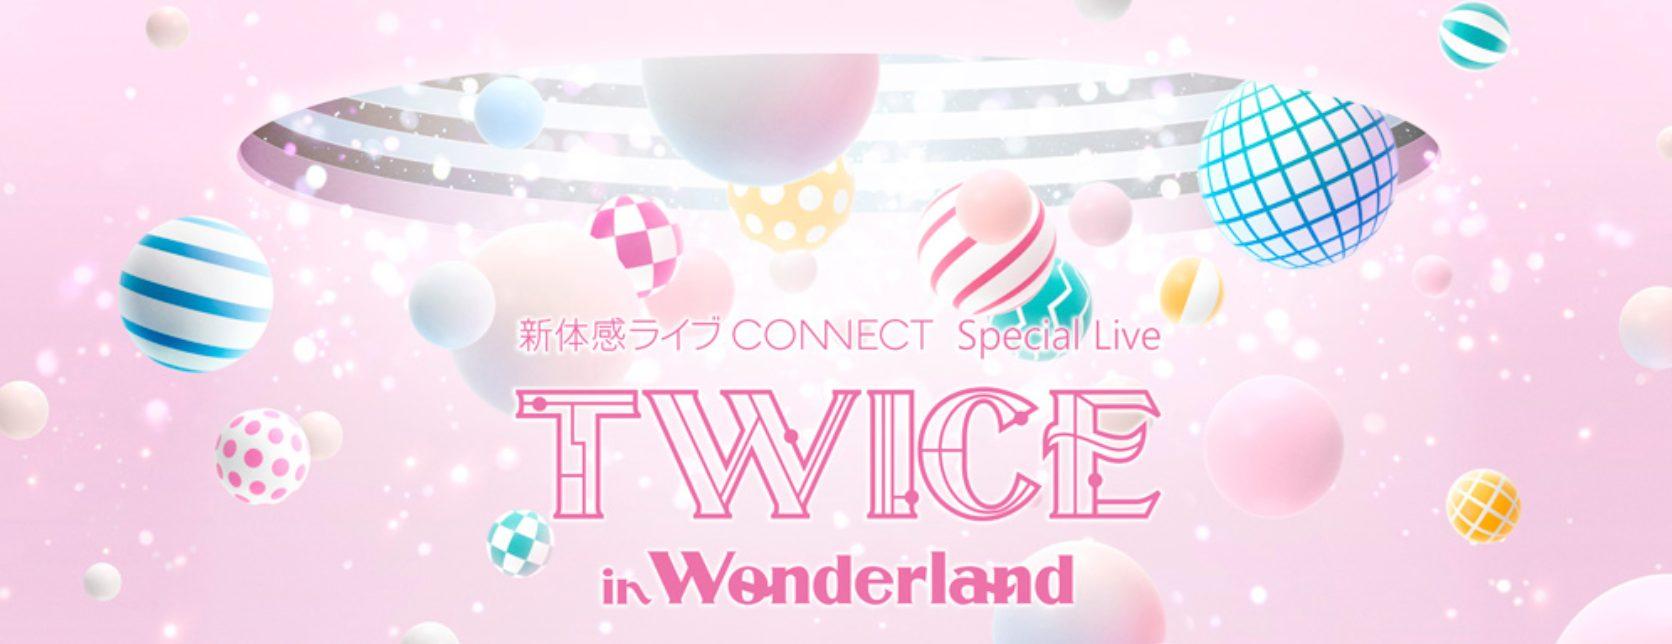 dヒッツ×TWICE スペシャルキャンペーン